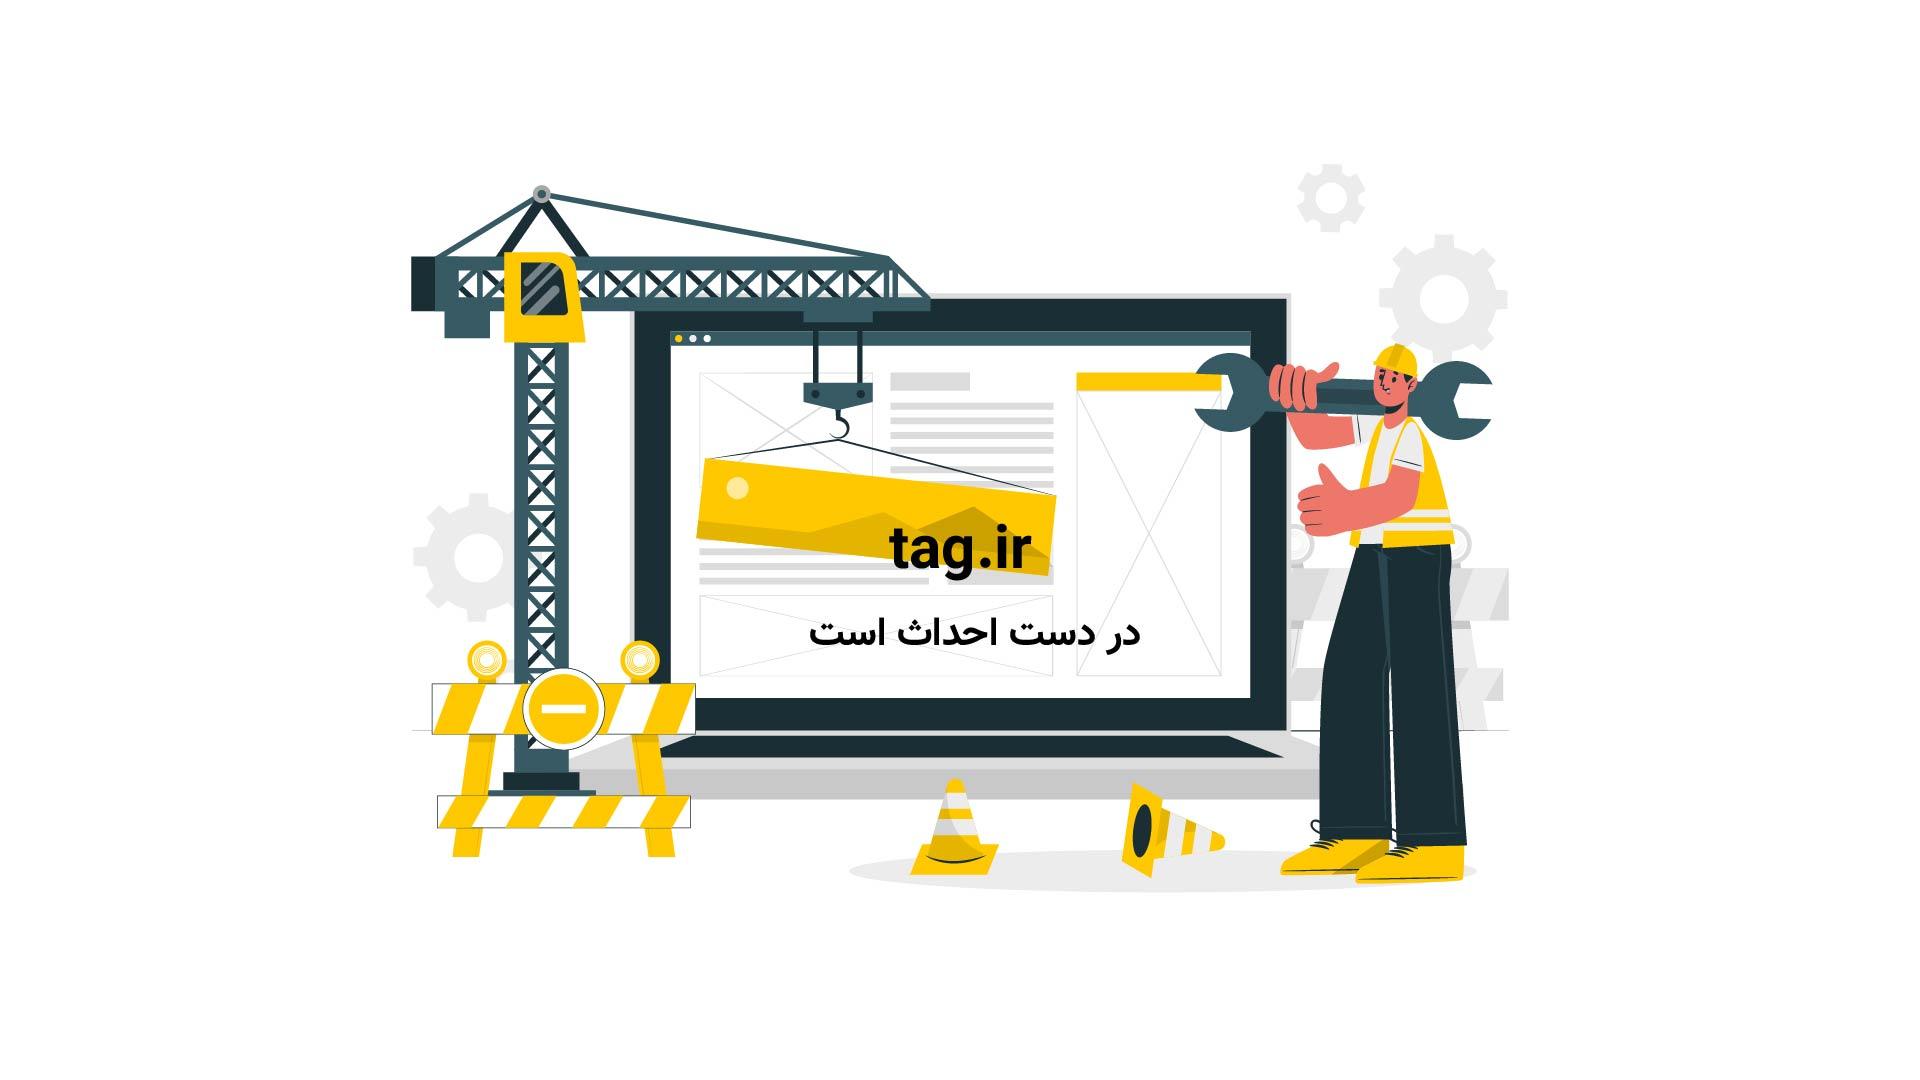 توله خرسهای بازیگوش؛ مادر صبور و آرام | فیلم